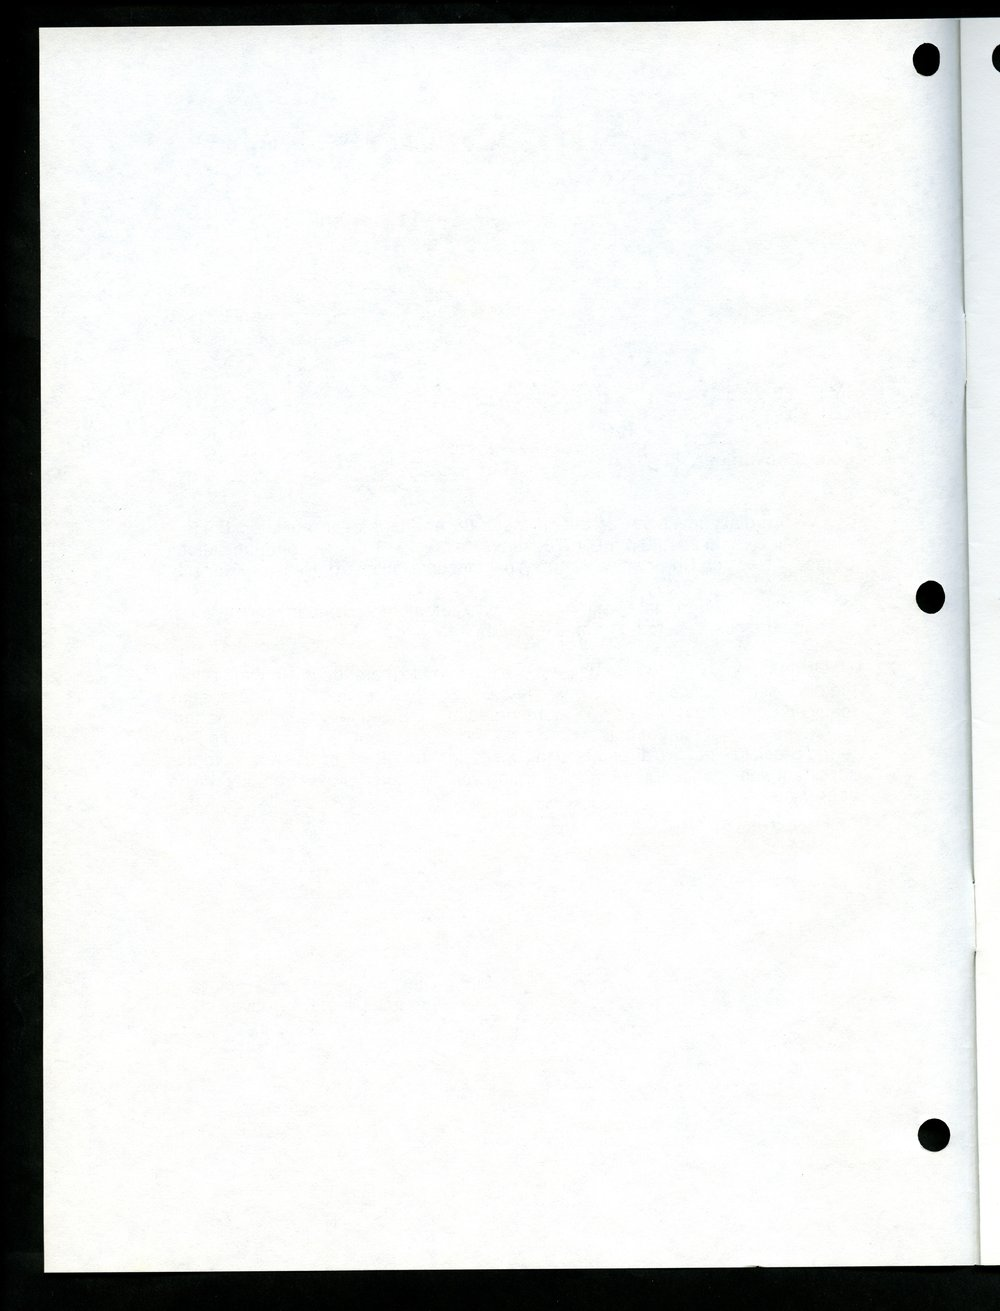 FiatAgri Hesston booklet - inside cover